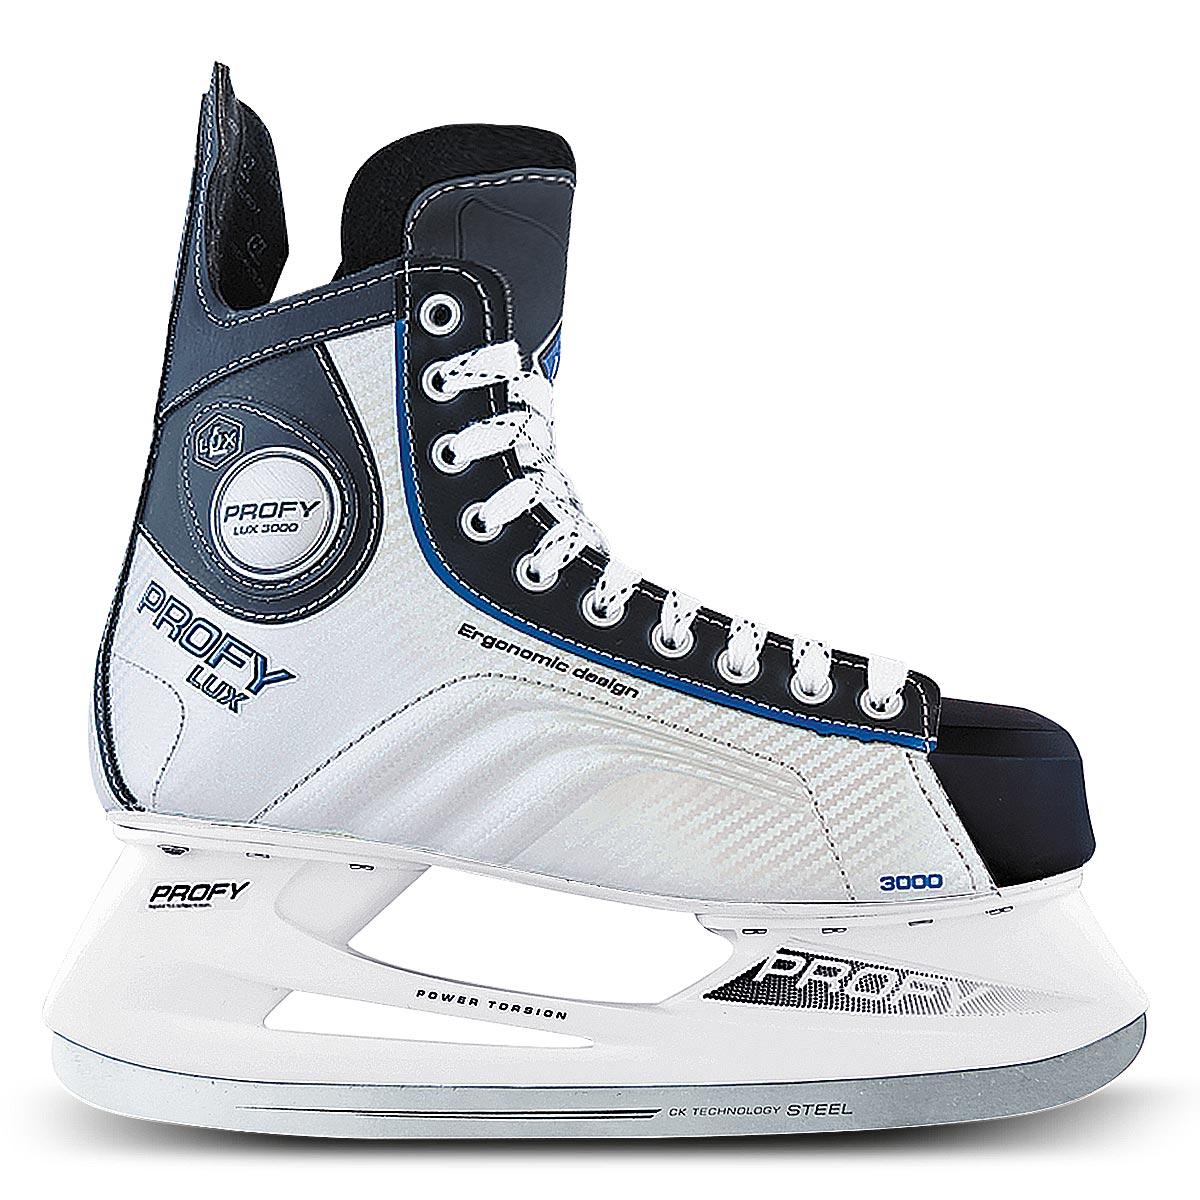 Коньки хоккейные мужские СК Profy Lux 3000, цвет: черный, серебряный, синий. Размер 46 PROFY LUX 3000 Blue_46